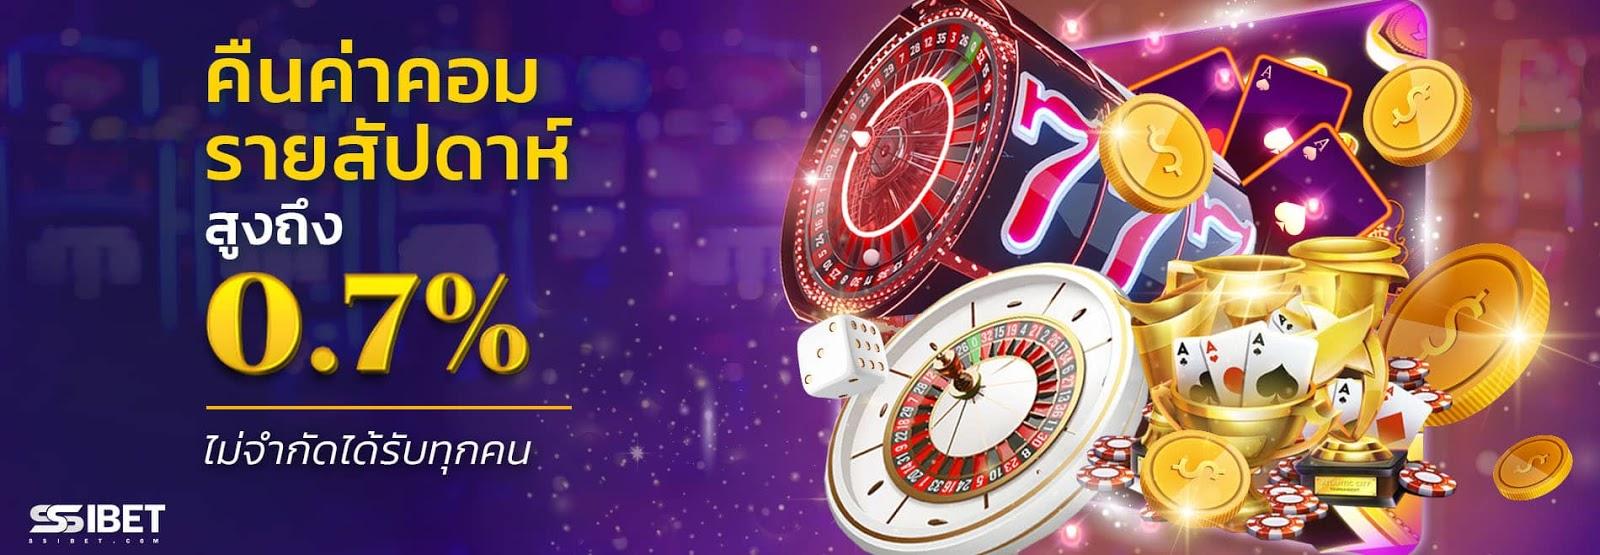 Real legit online casino